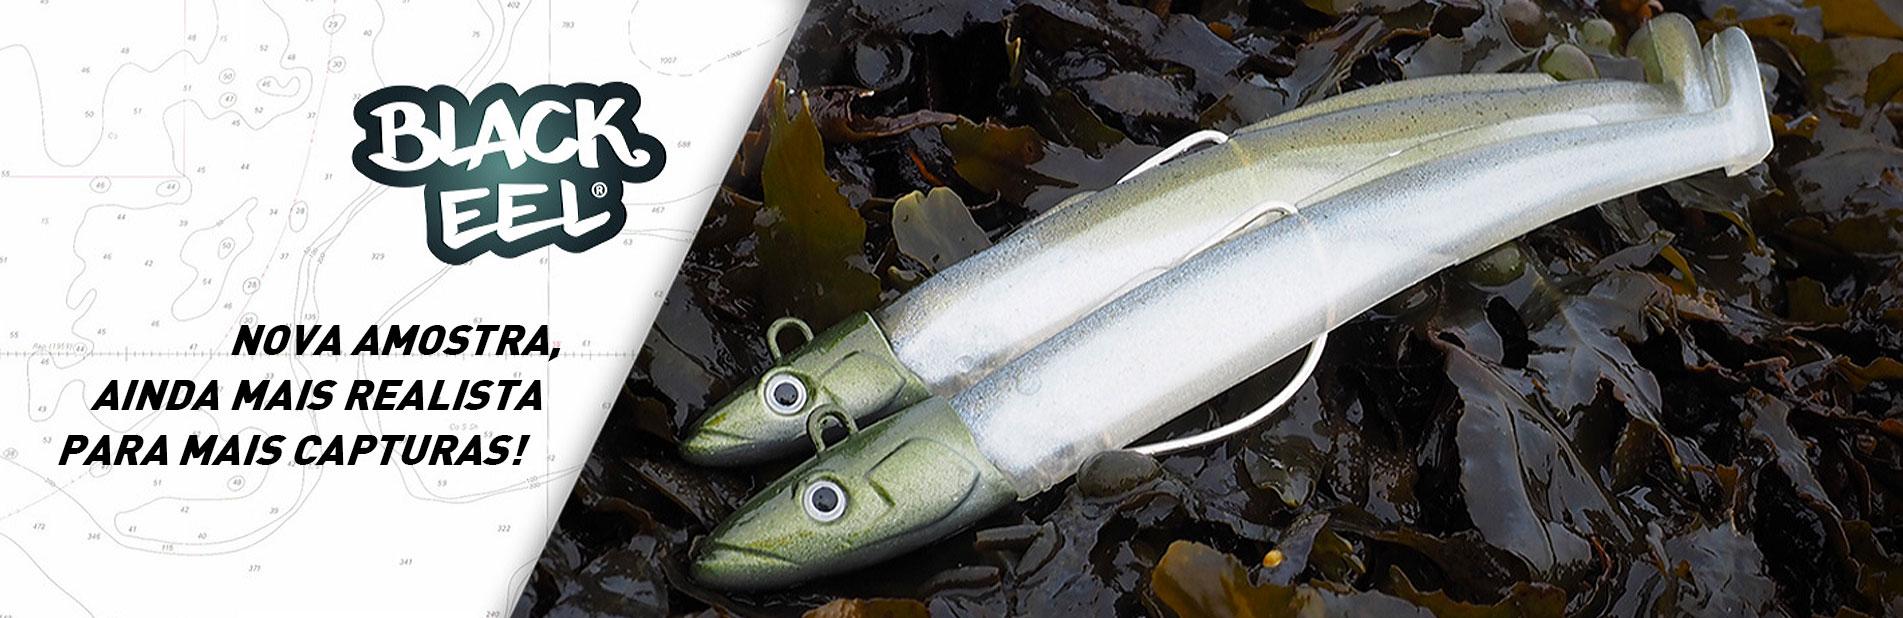 Fiiish Black Eel - Slider